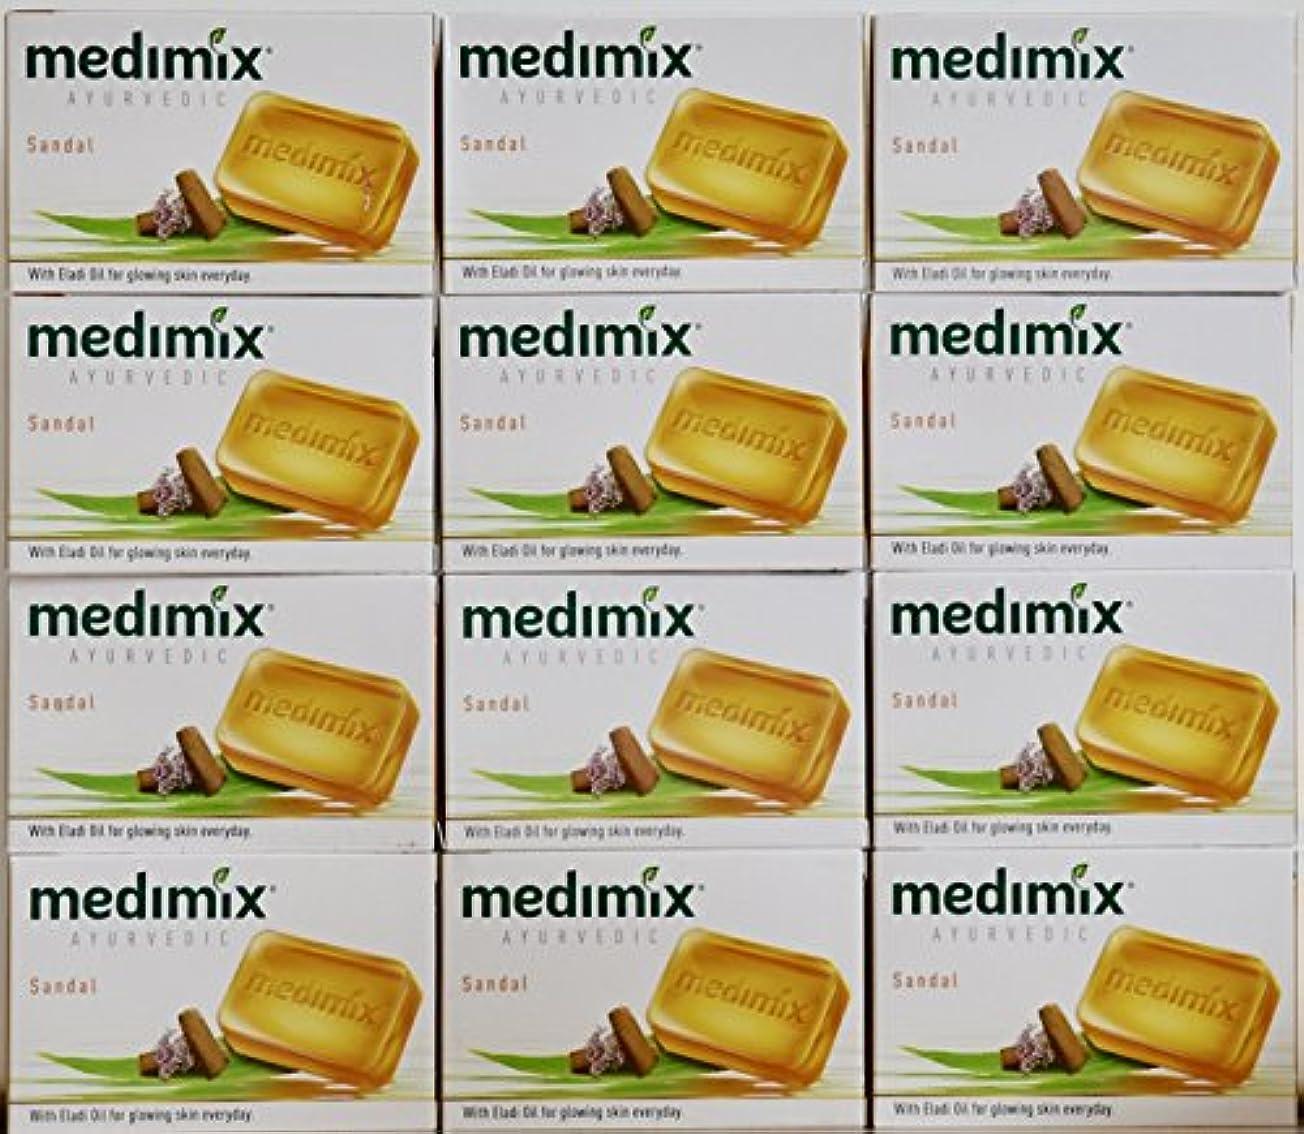 リーンナビゲーションまばたきmedimix メディミックス アーユルヴェディックサンダル 石鹸(旧商品名クラシックオレンジ))125g 12個入り